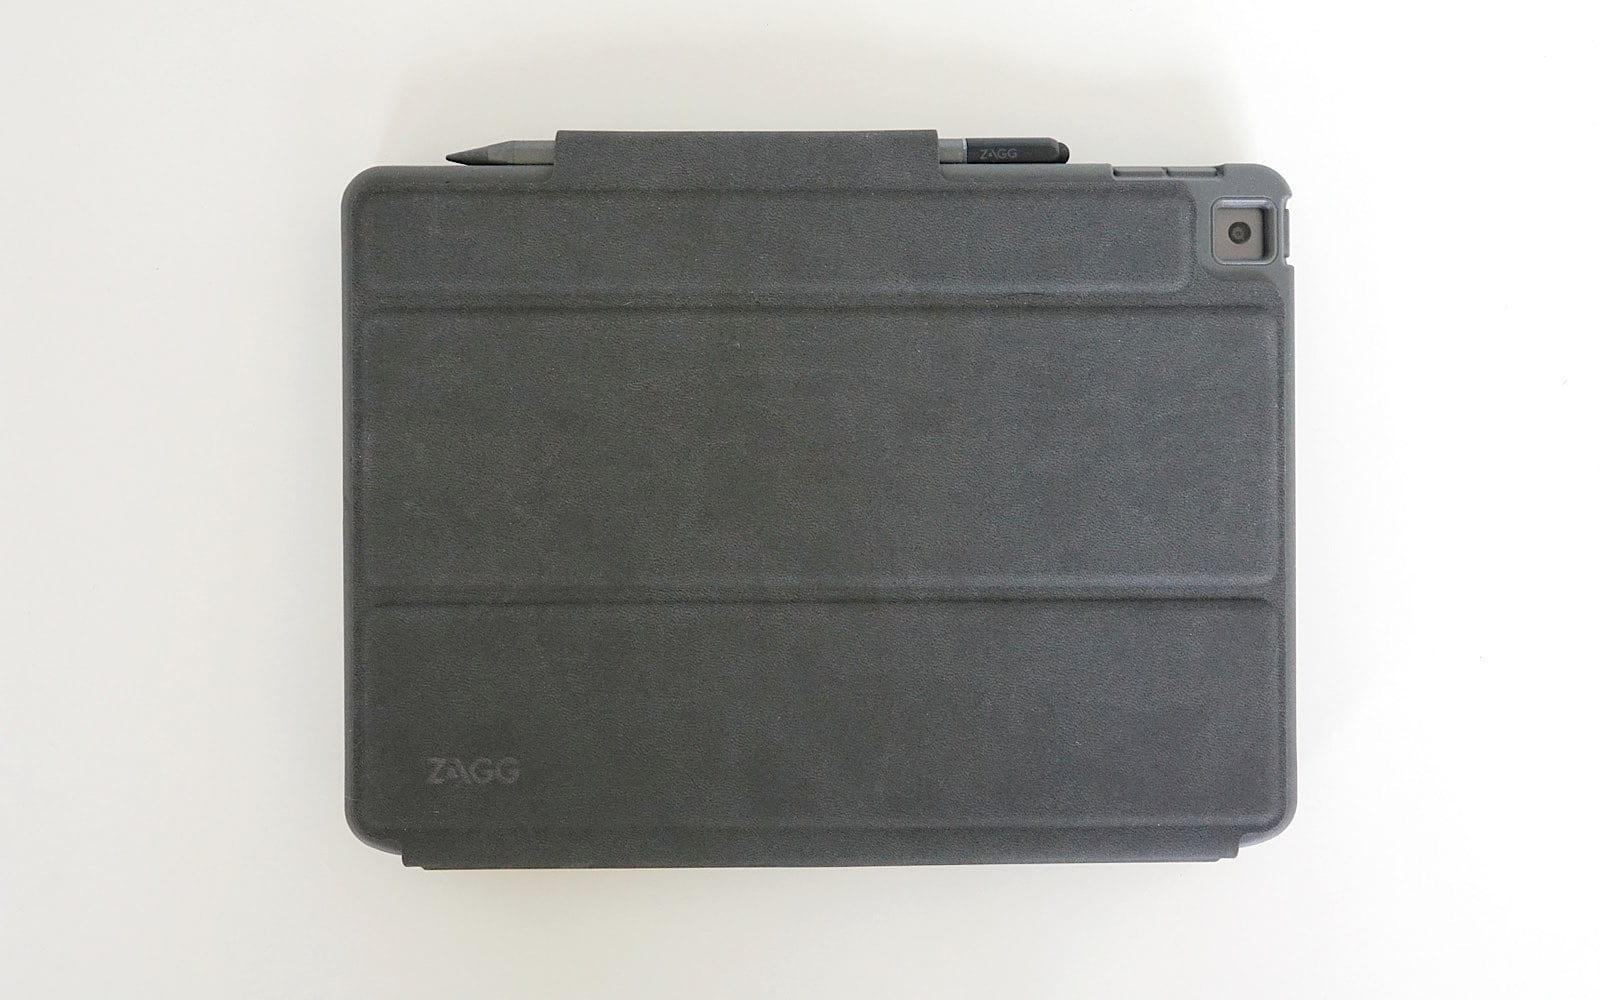 The Zagg Pro Keys folio closed.